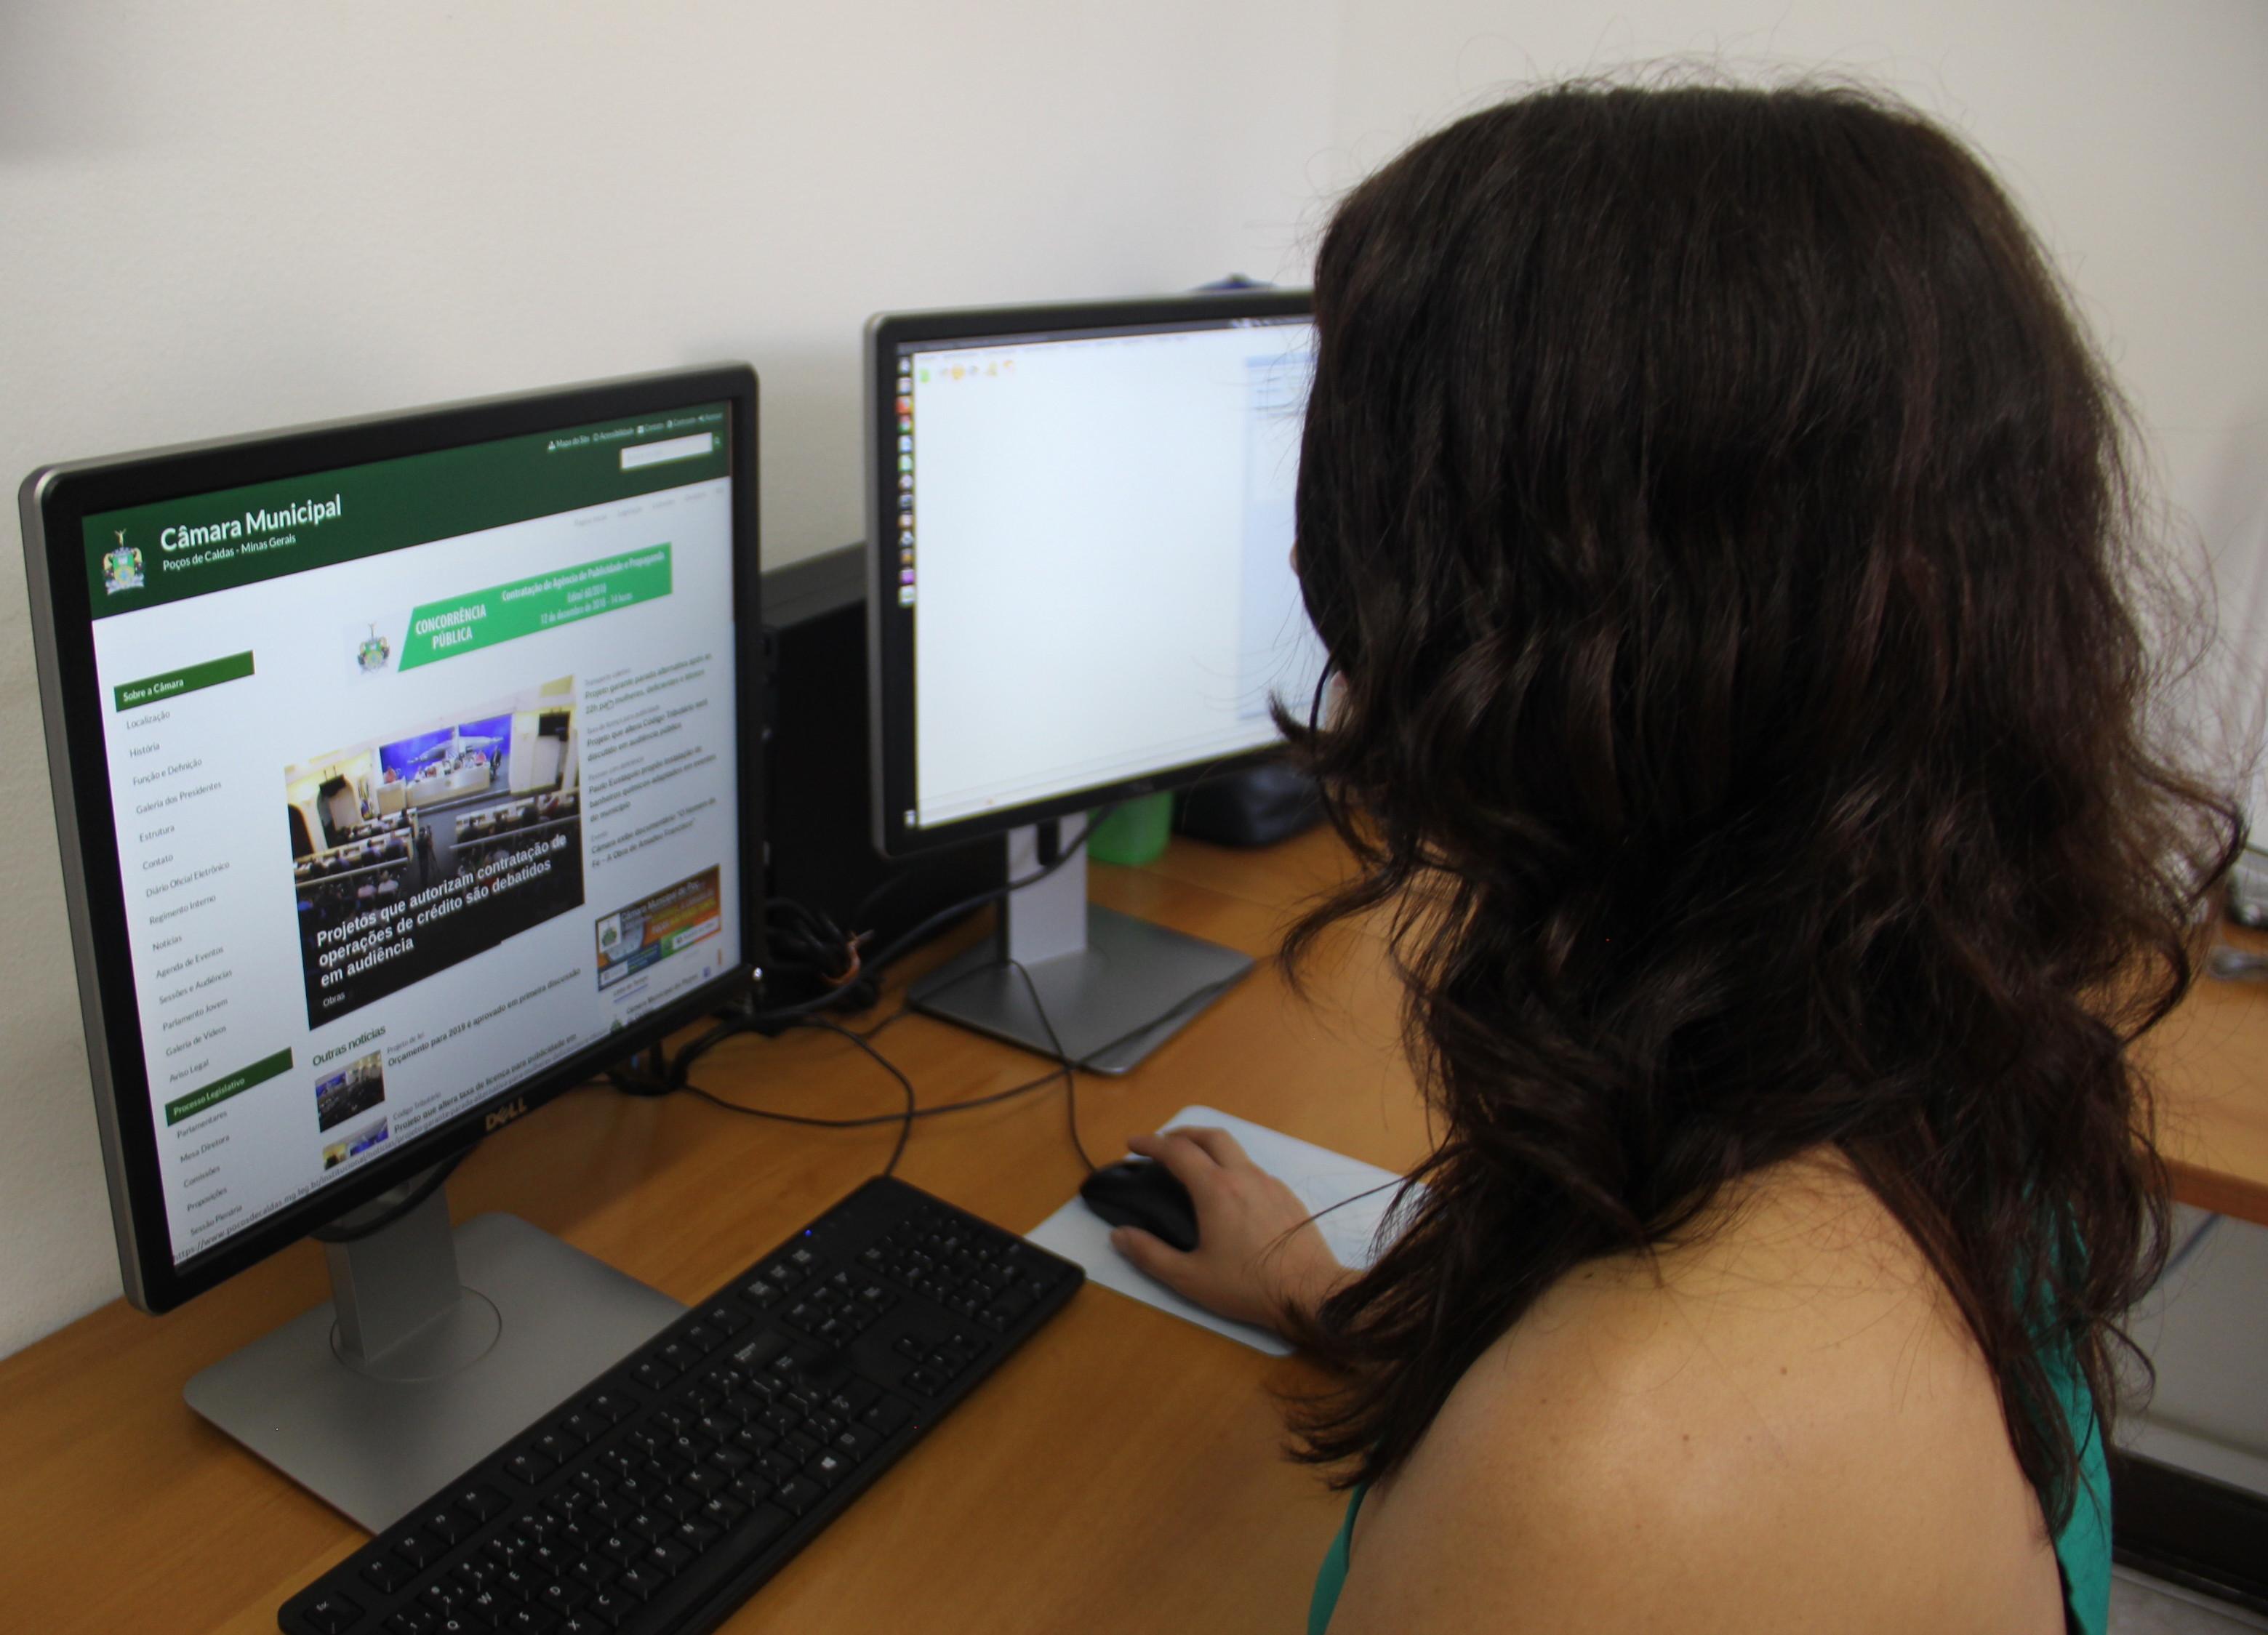 Câmara adota novo Portal em parceria com programa Interlegis